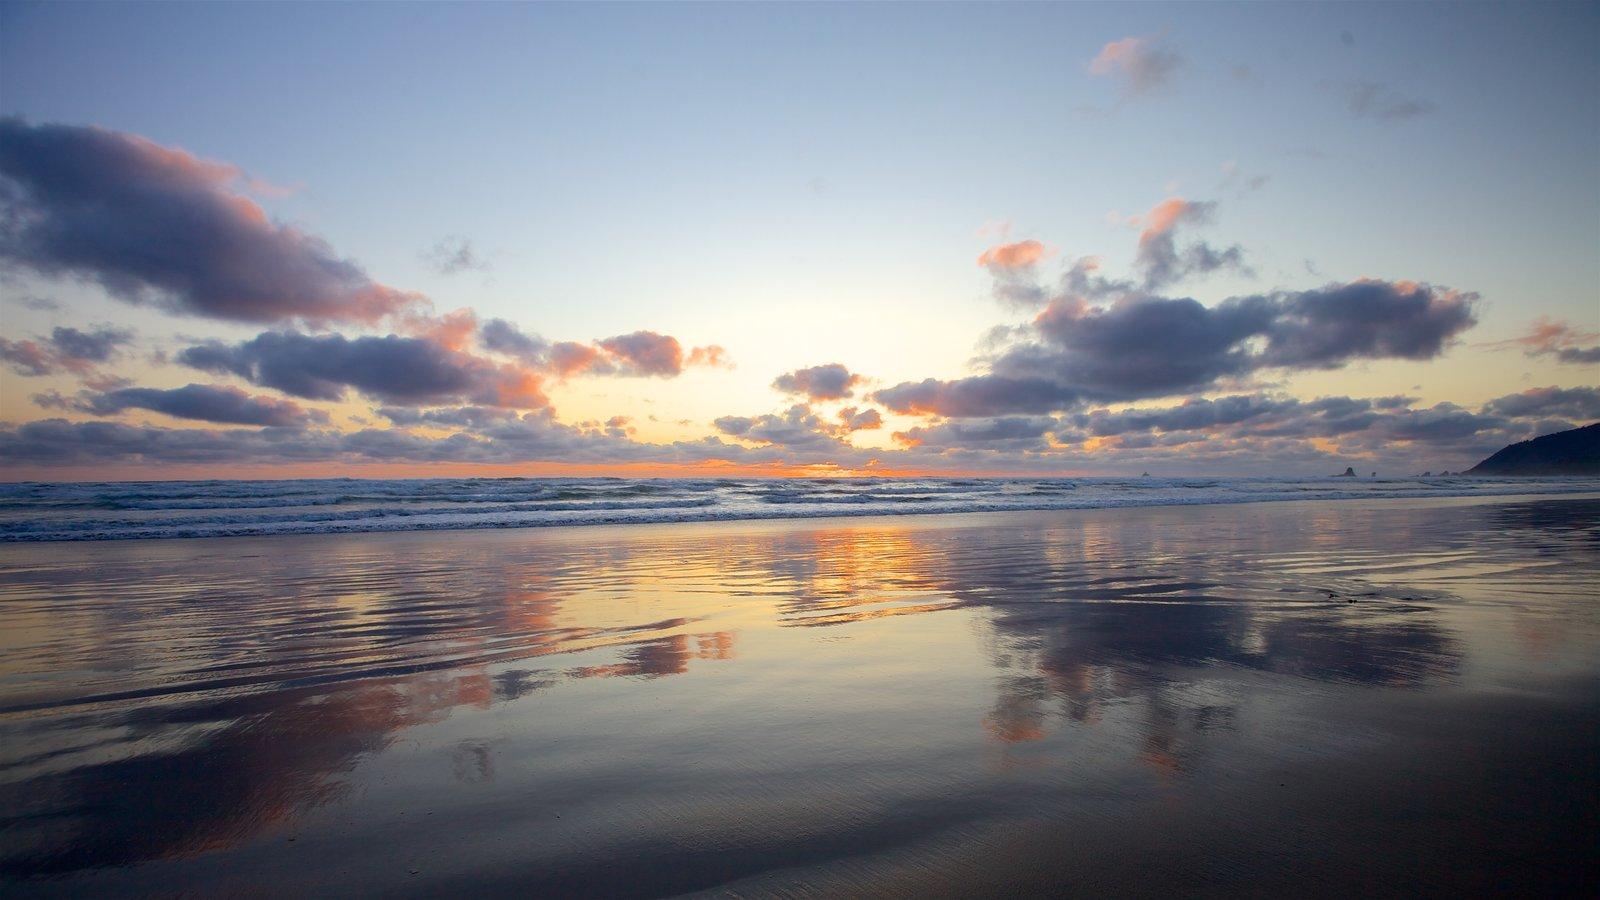 Cannon Beach ofreciendo una playa, vistas de paisajes y una puesta de sol